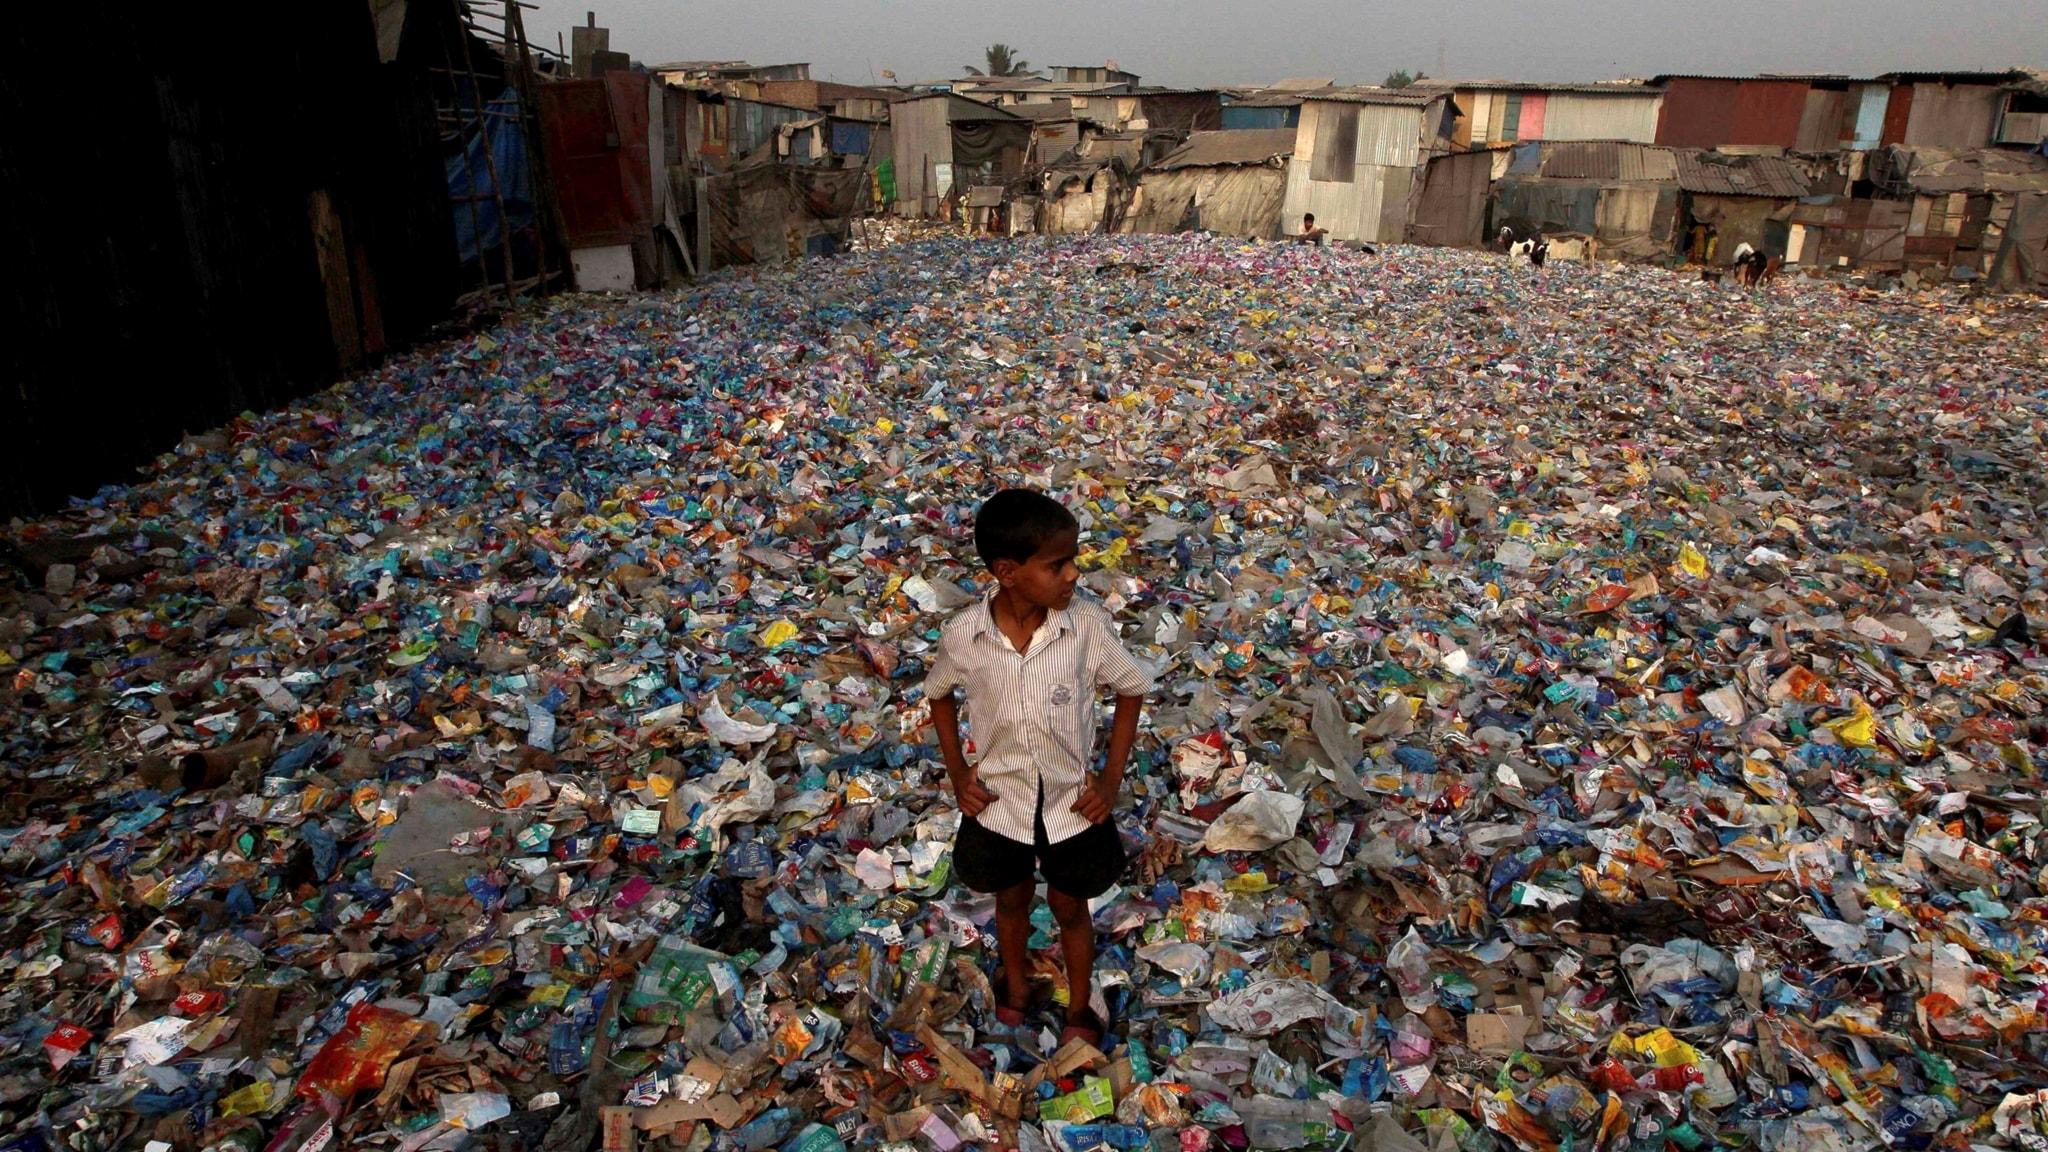 Återvinning kan inte rädda en värld av plast - spela